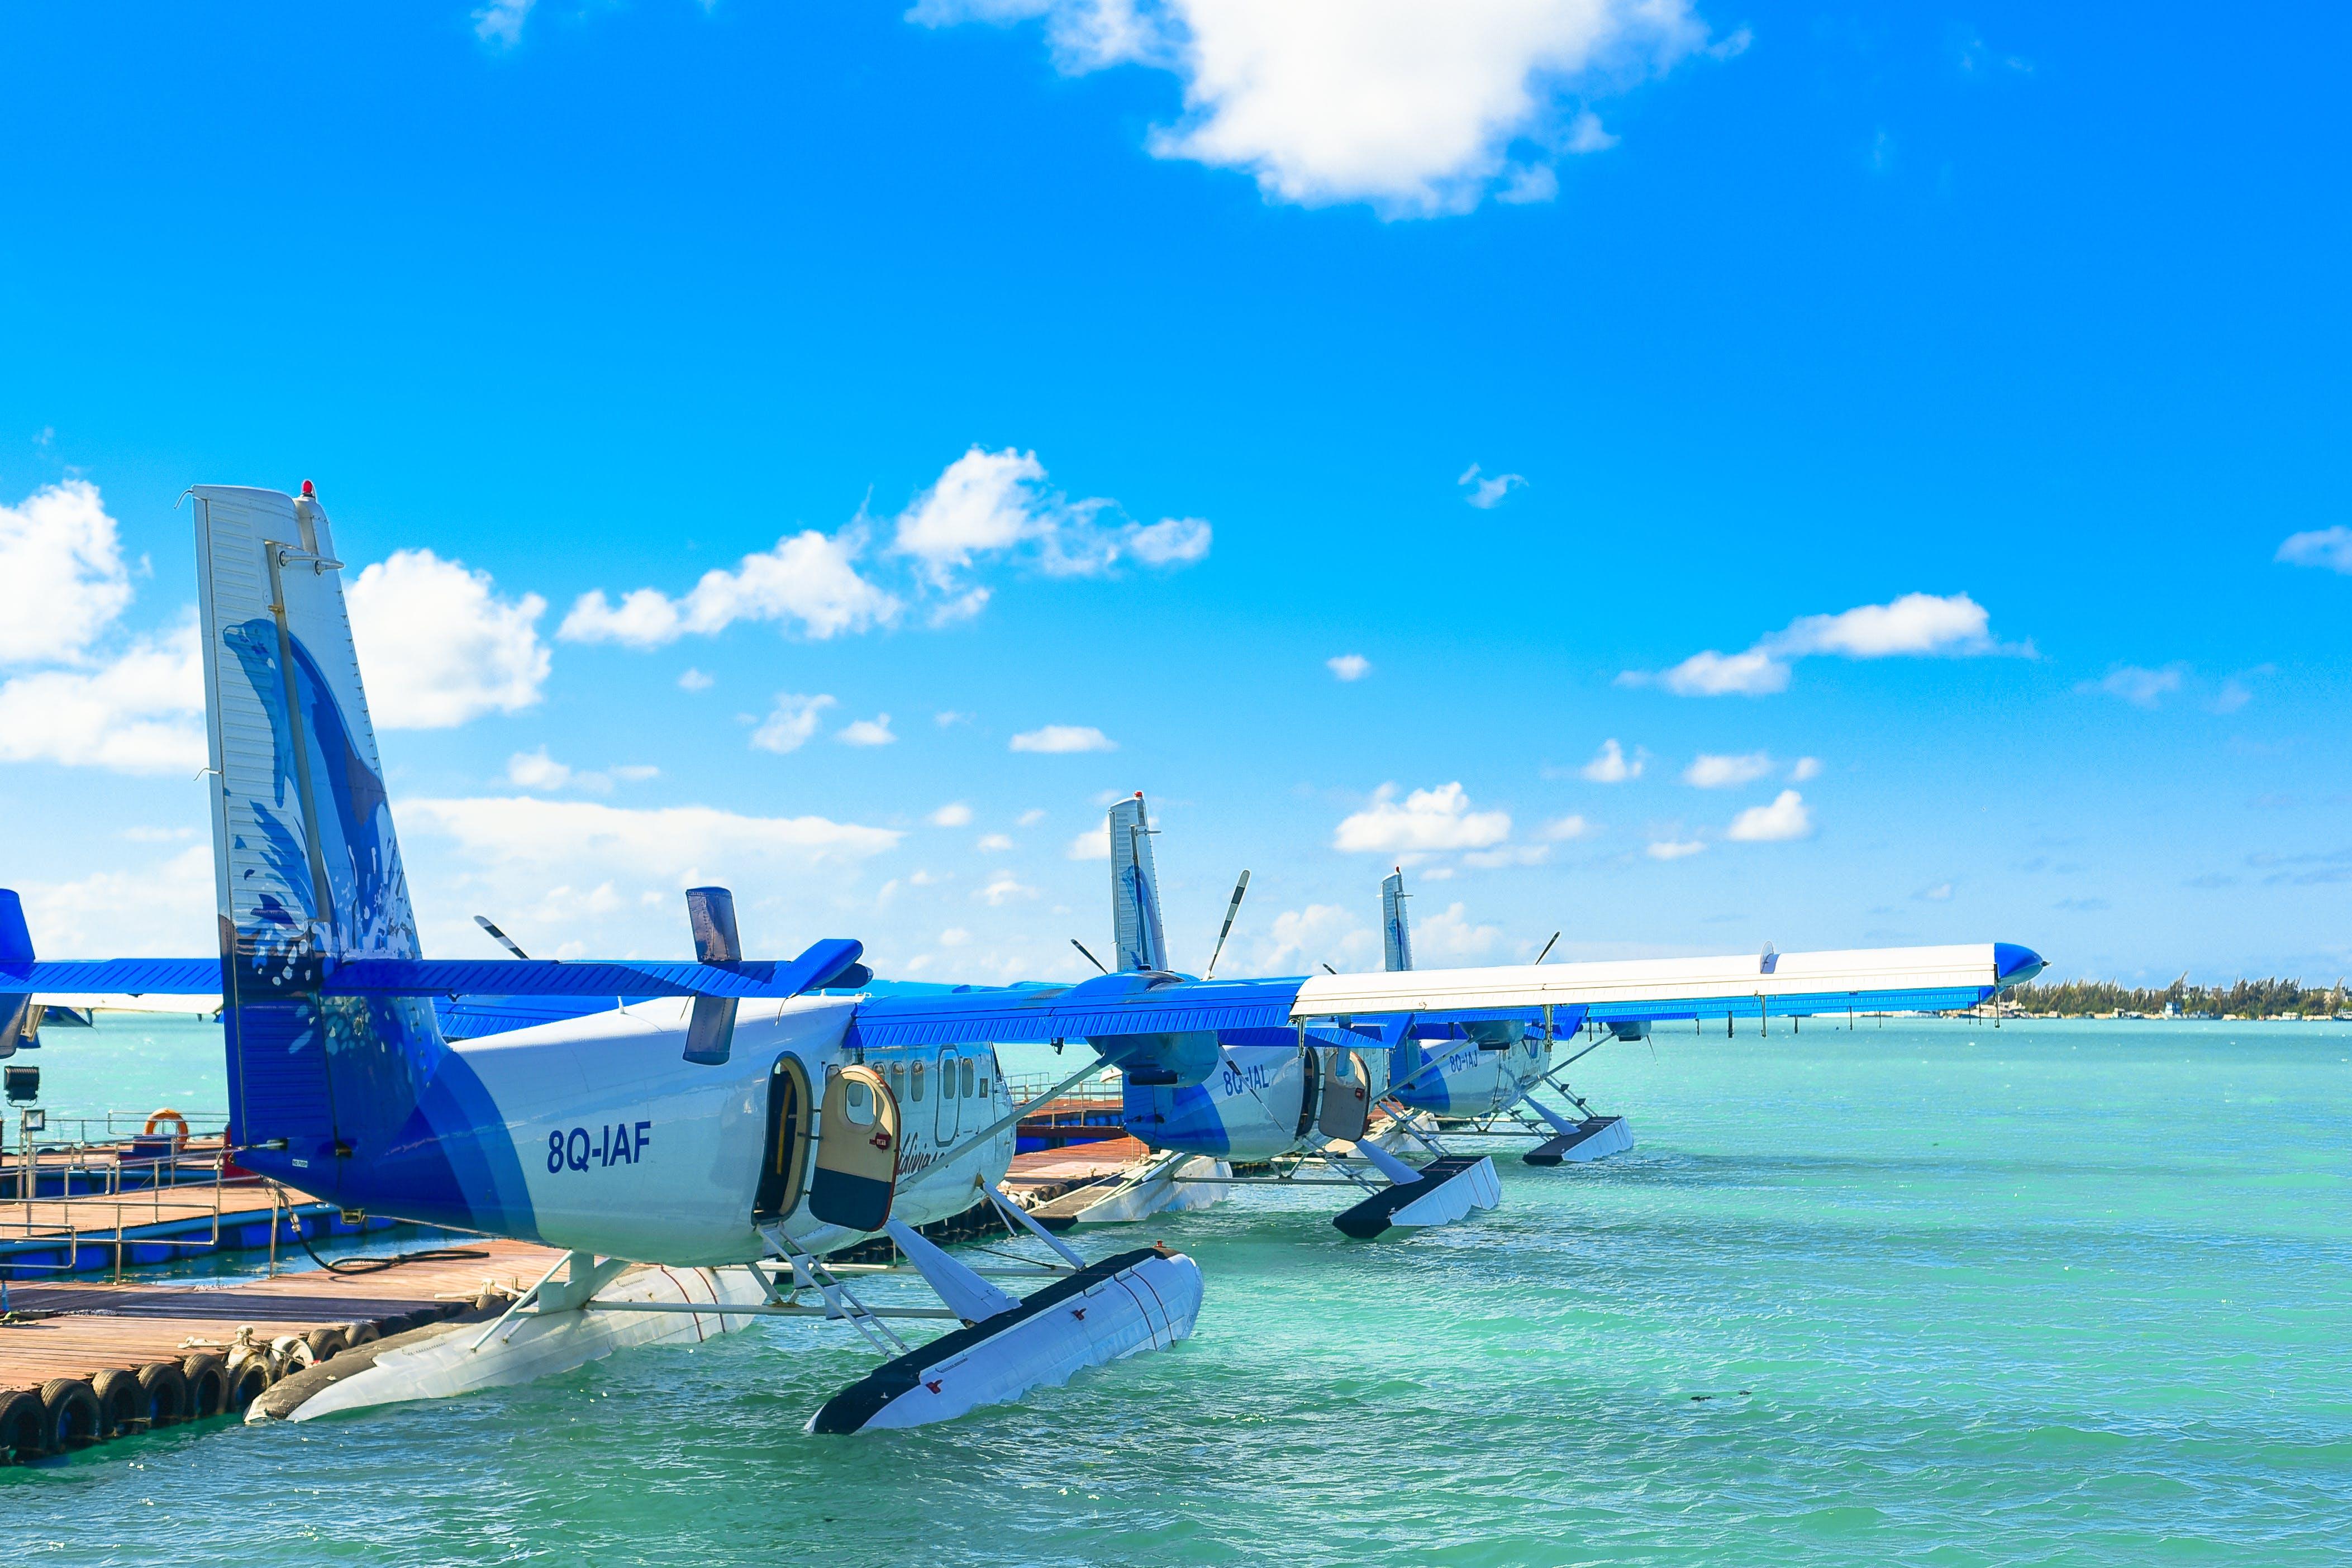 Δωρεάν στοκ φωτογραφιών με 8q-tmi, aviate, barefoot pilot, de havilland